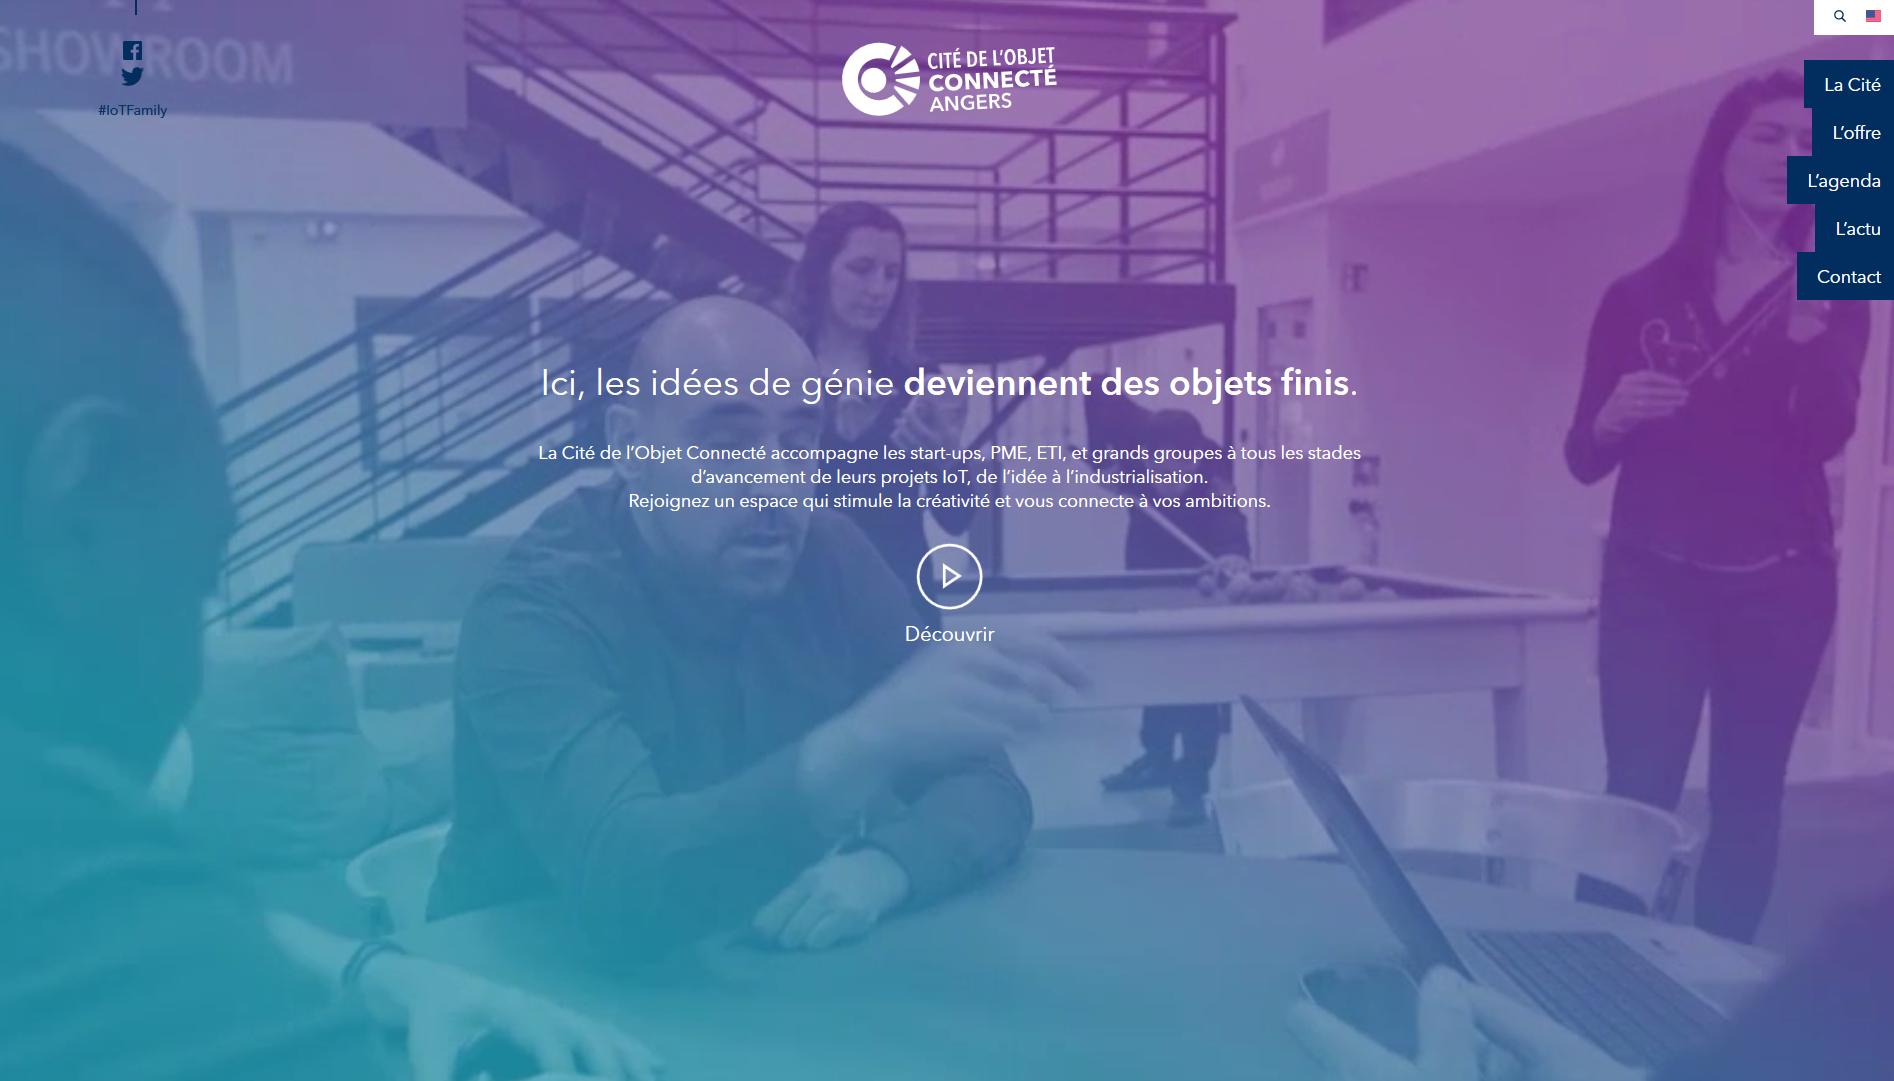 Capture d'écran du site internet de la Cité de l'objet connecté.